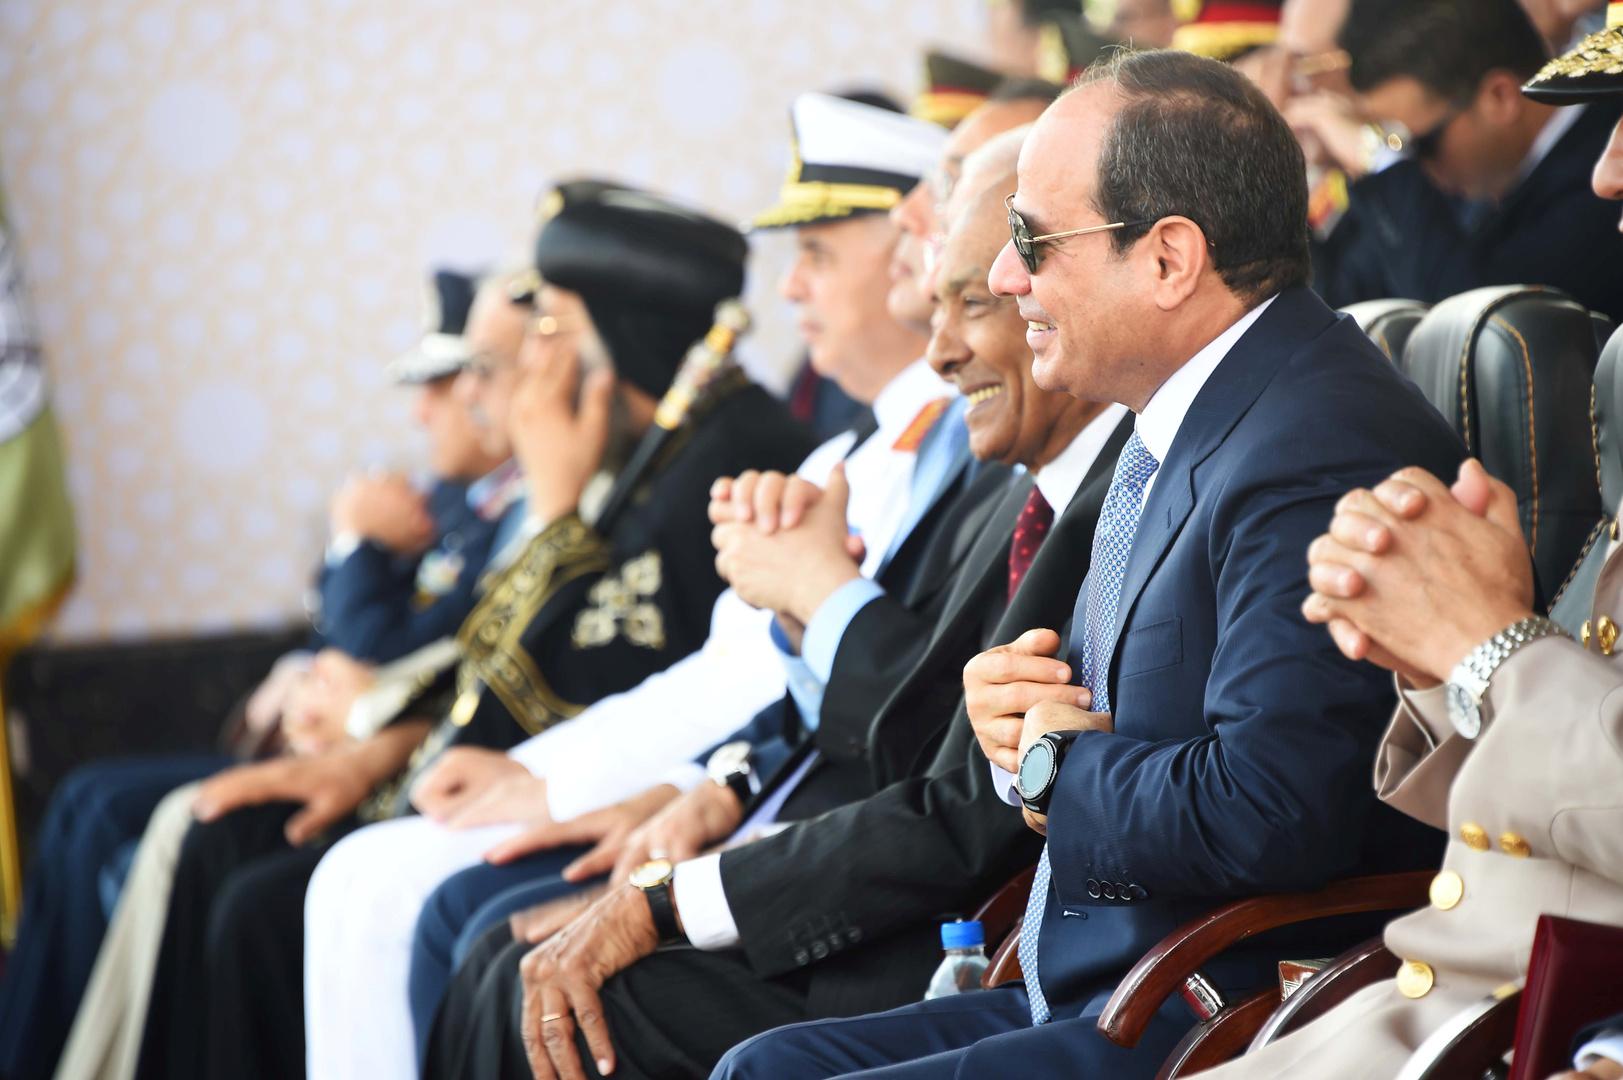 السيسي: مياه النيل أمر حيوي بالنسبة لمصر والخلاف مع إثيوبيا بشأن سد النهضة يمتد طويلا